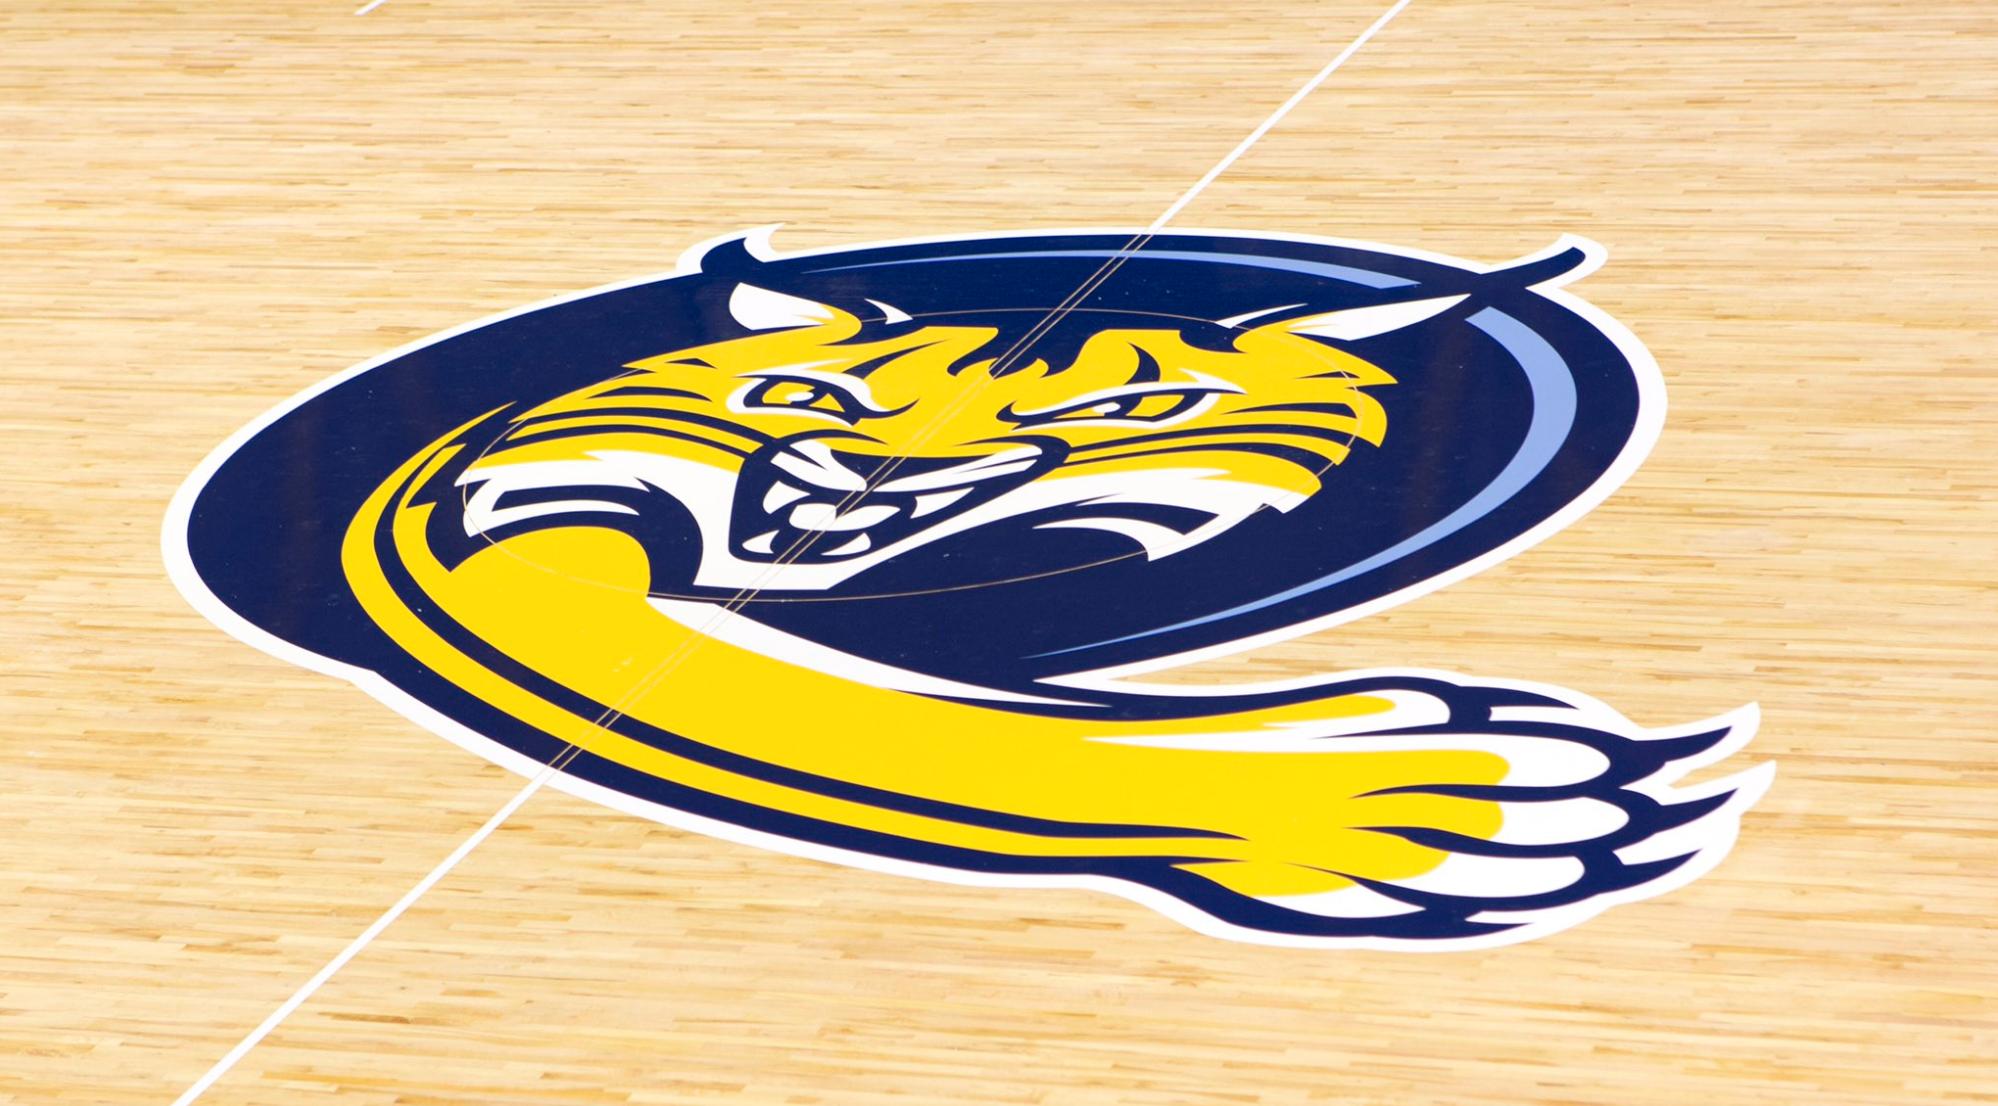 Quinnipiac Athletics alters the 'Bobcat' logo